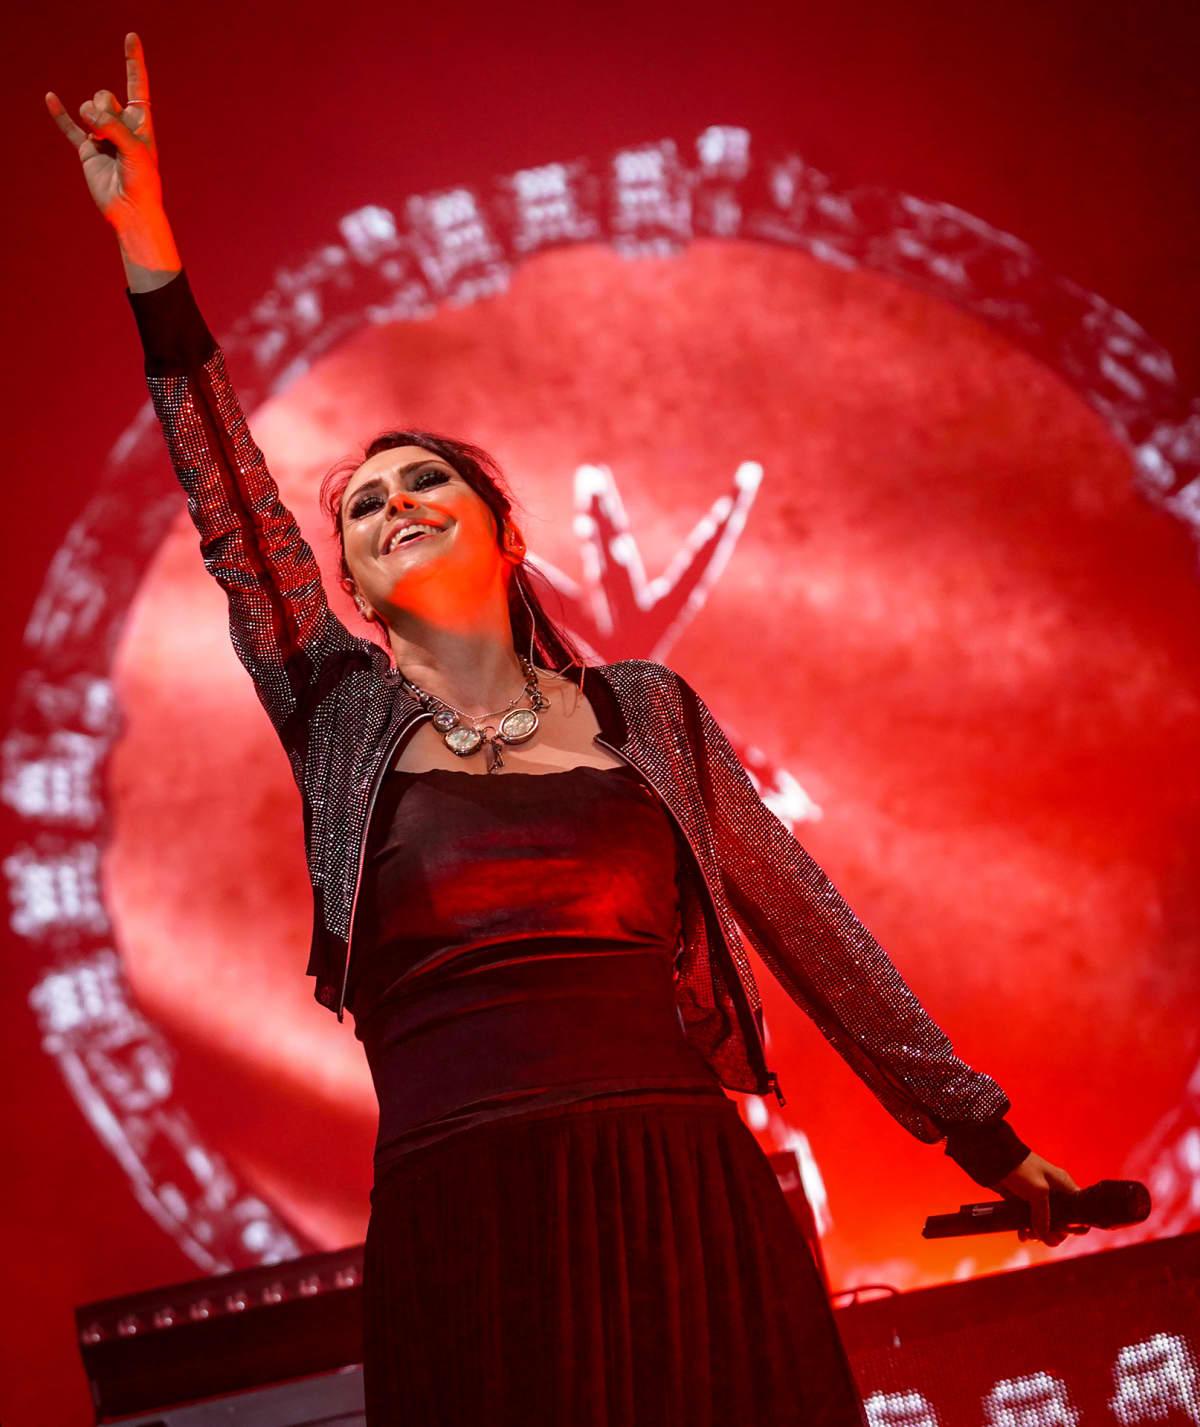 Sharon den Adel, Kuopiorock, Within Temptation